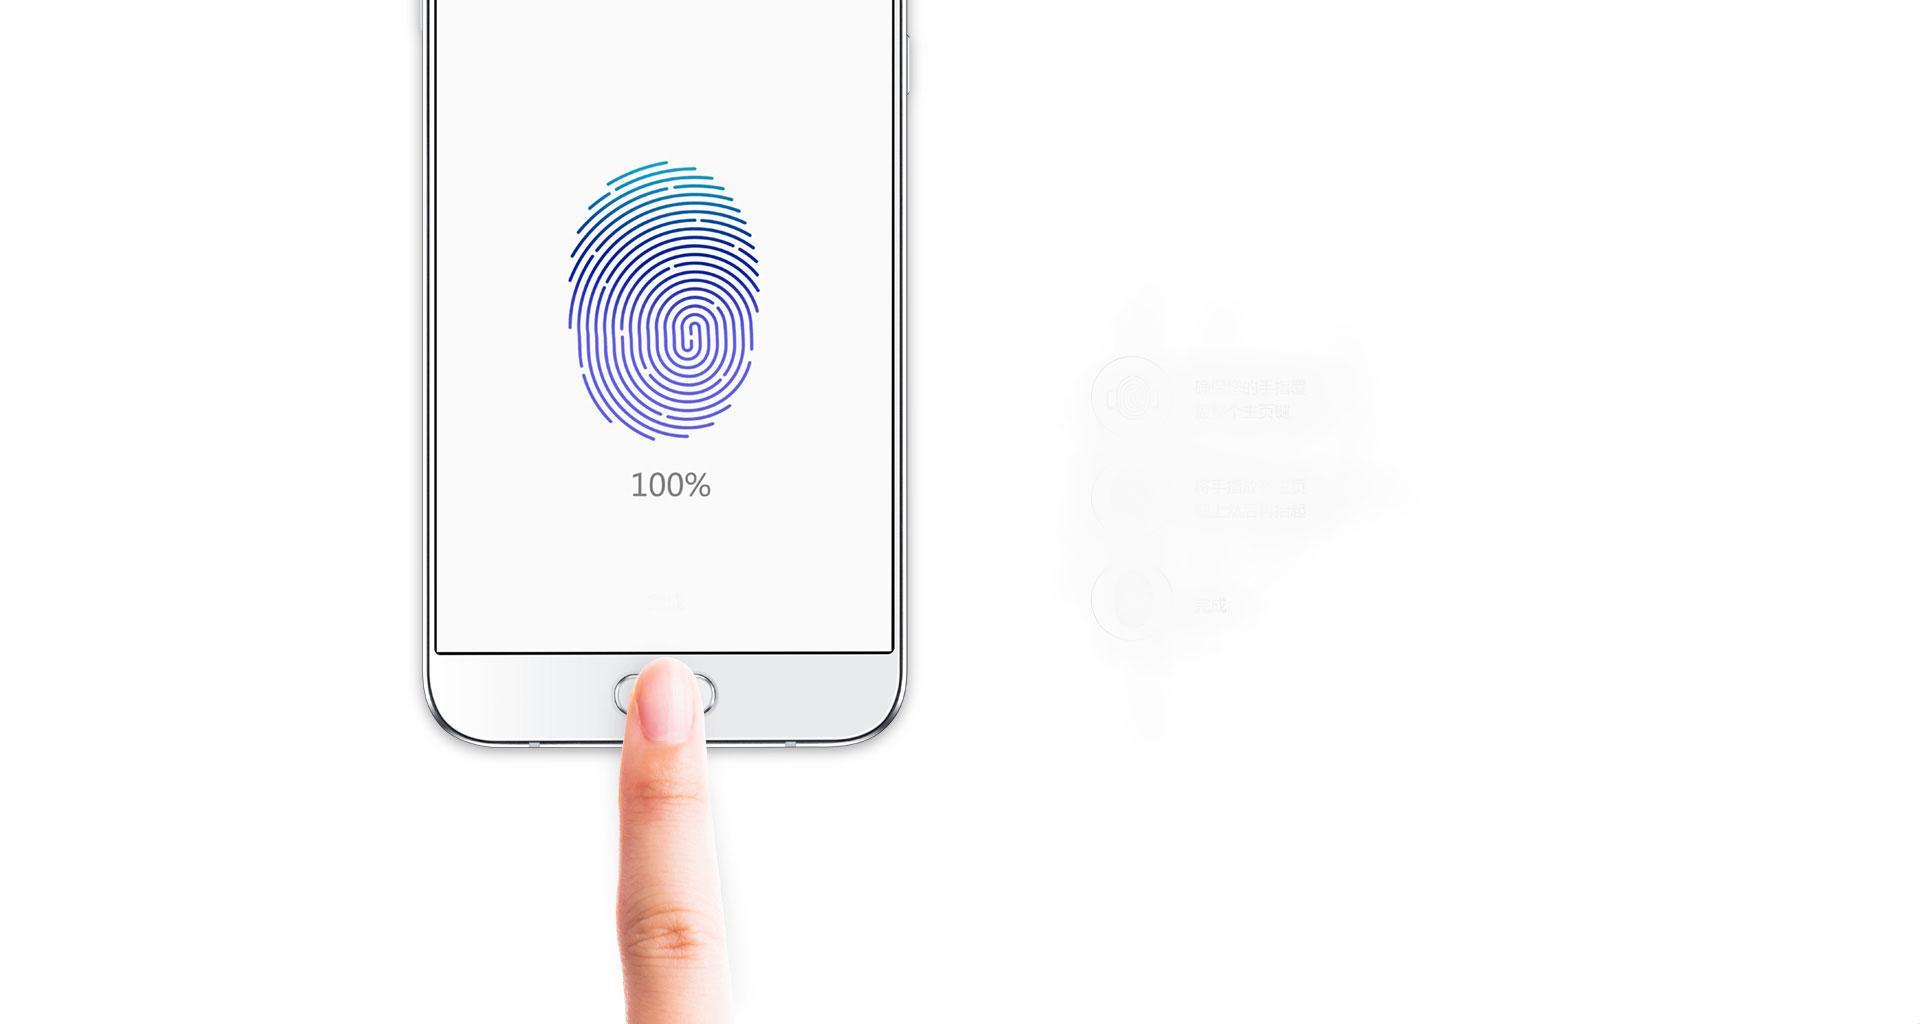 Samsung Galaxy A8 reconocimiento de huella dactilar